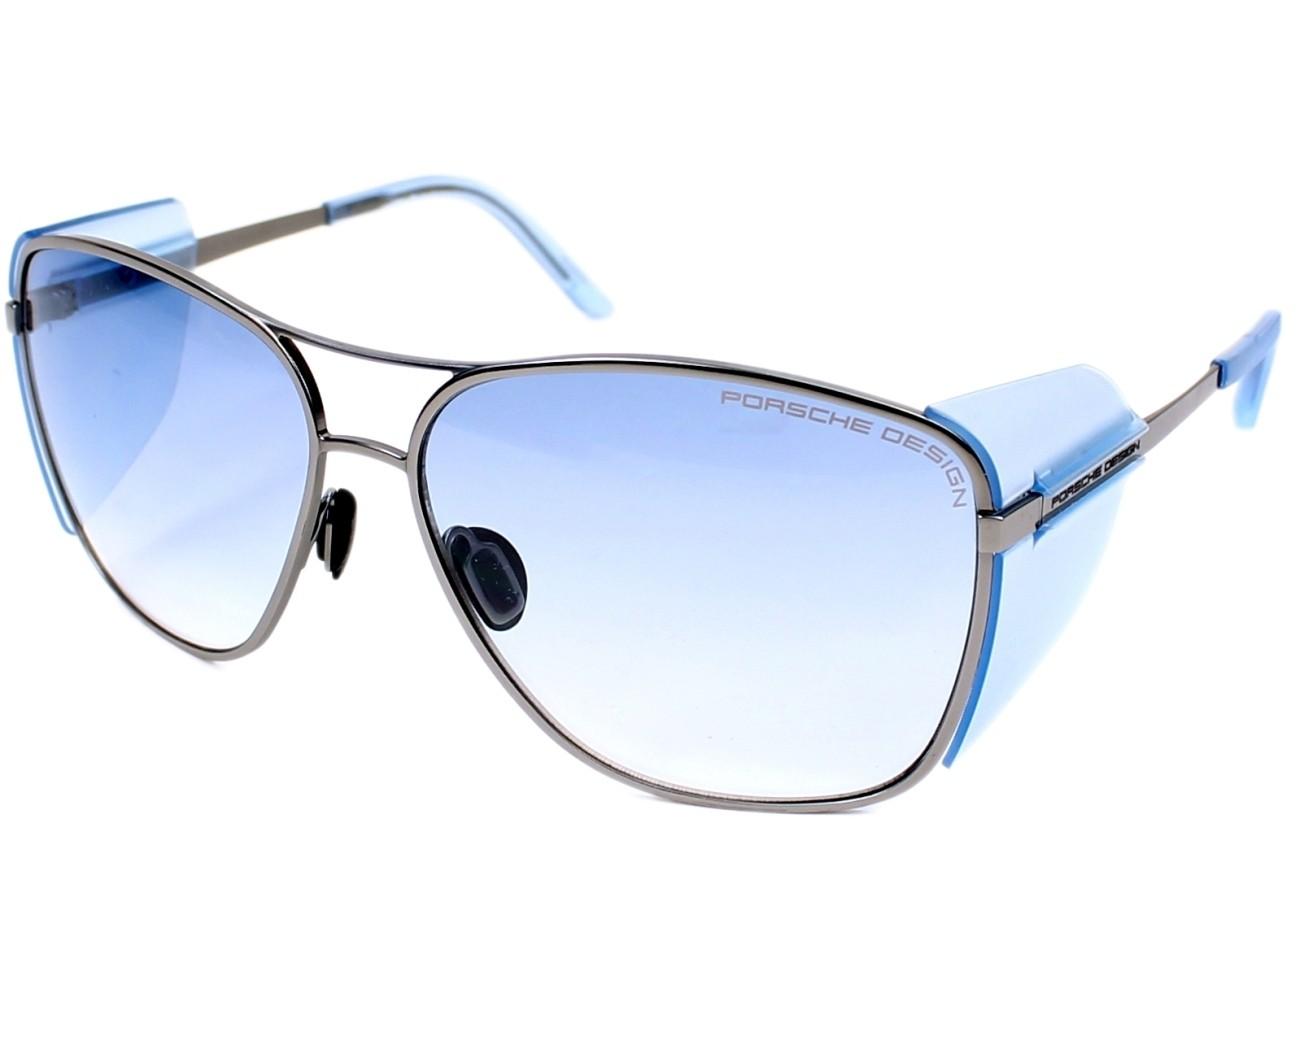 b7c343a1adbd Sunglasses Porsche Design P-8600 C 62-14 Silver Blue profile view